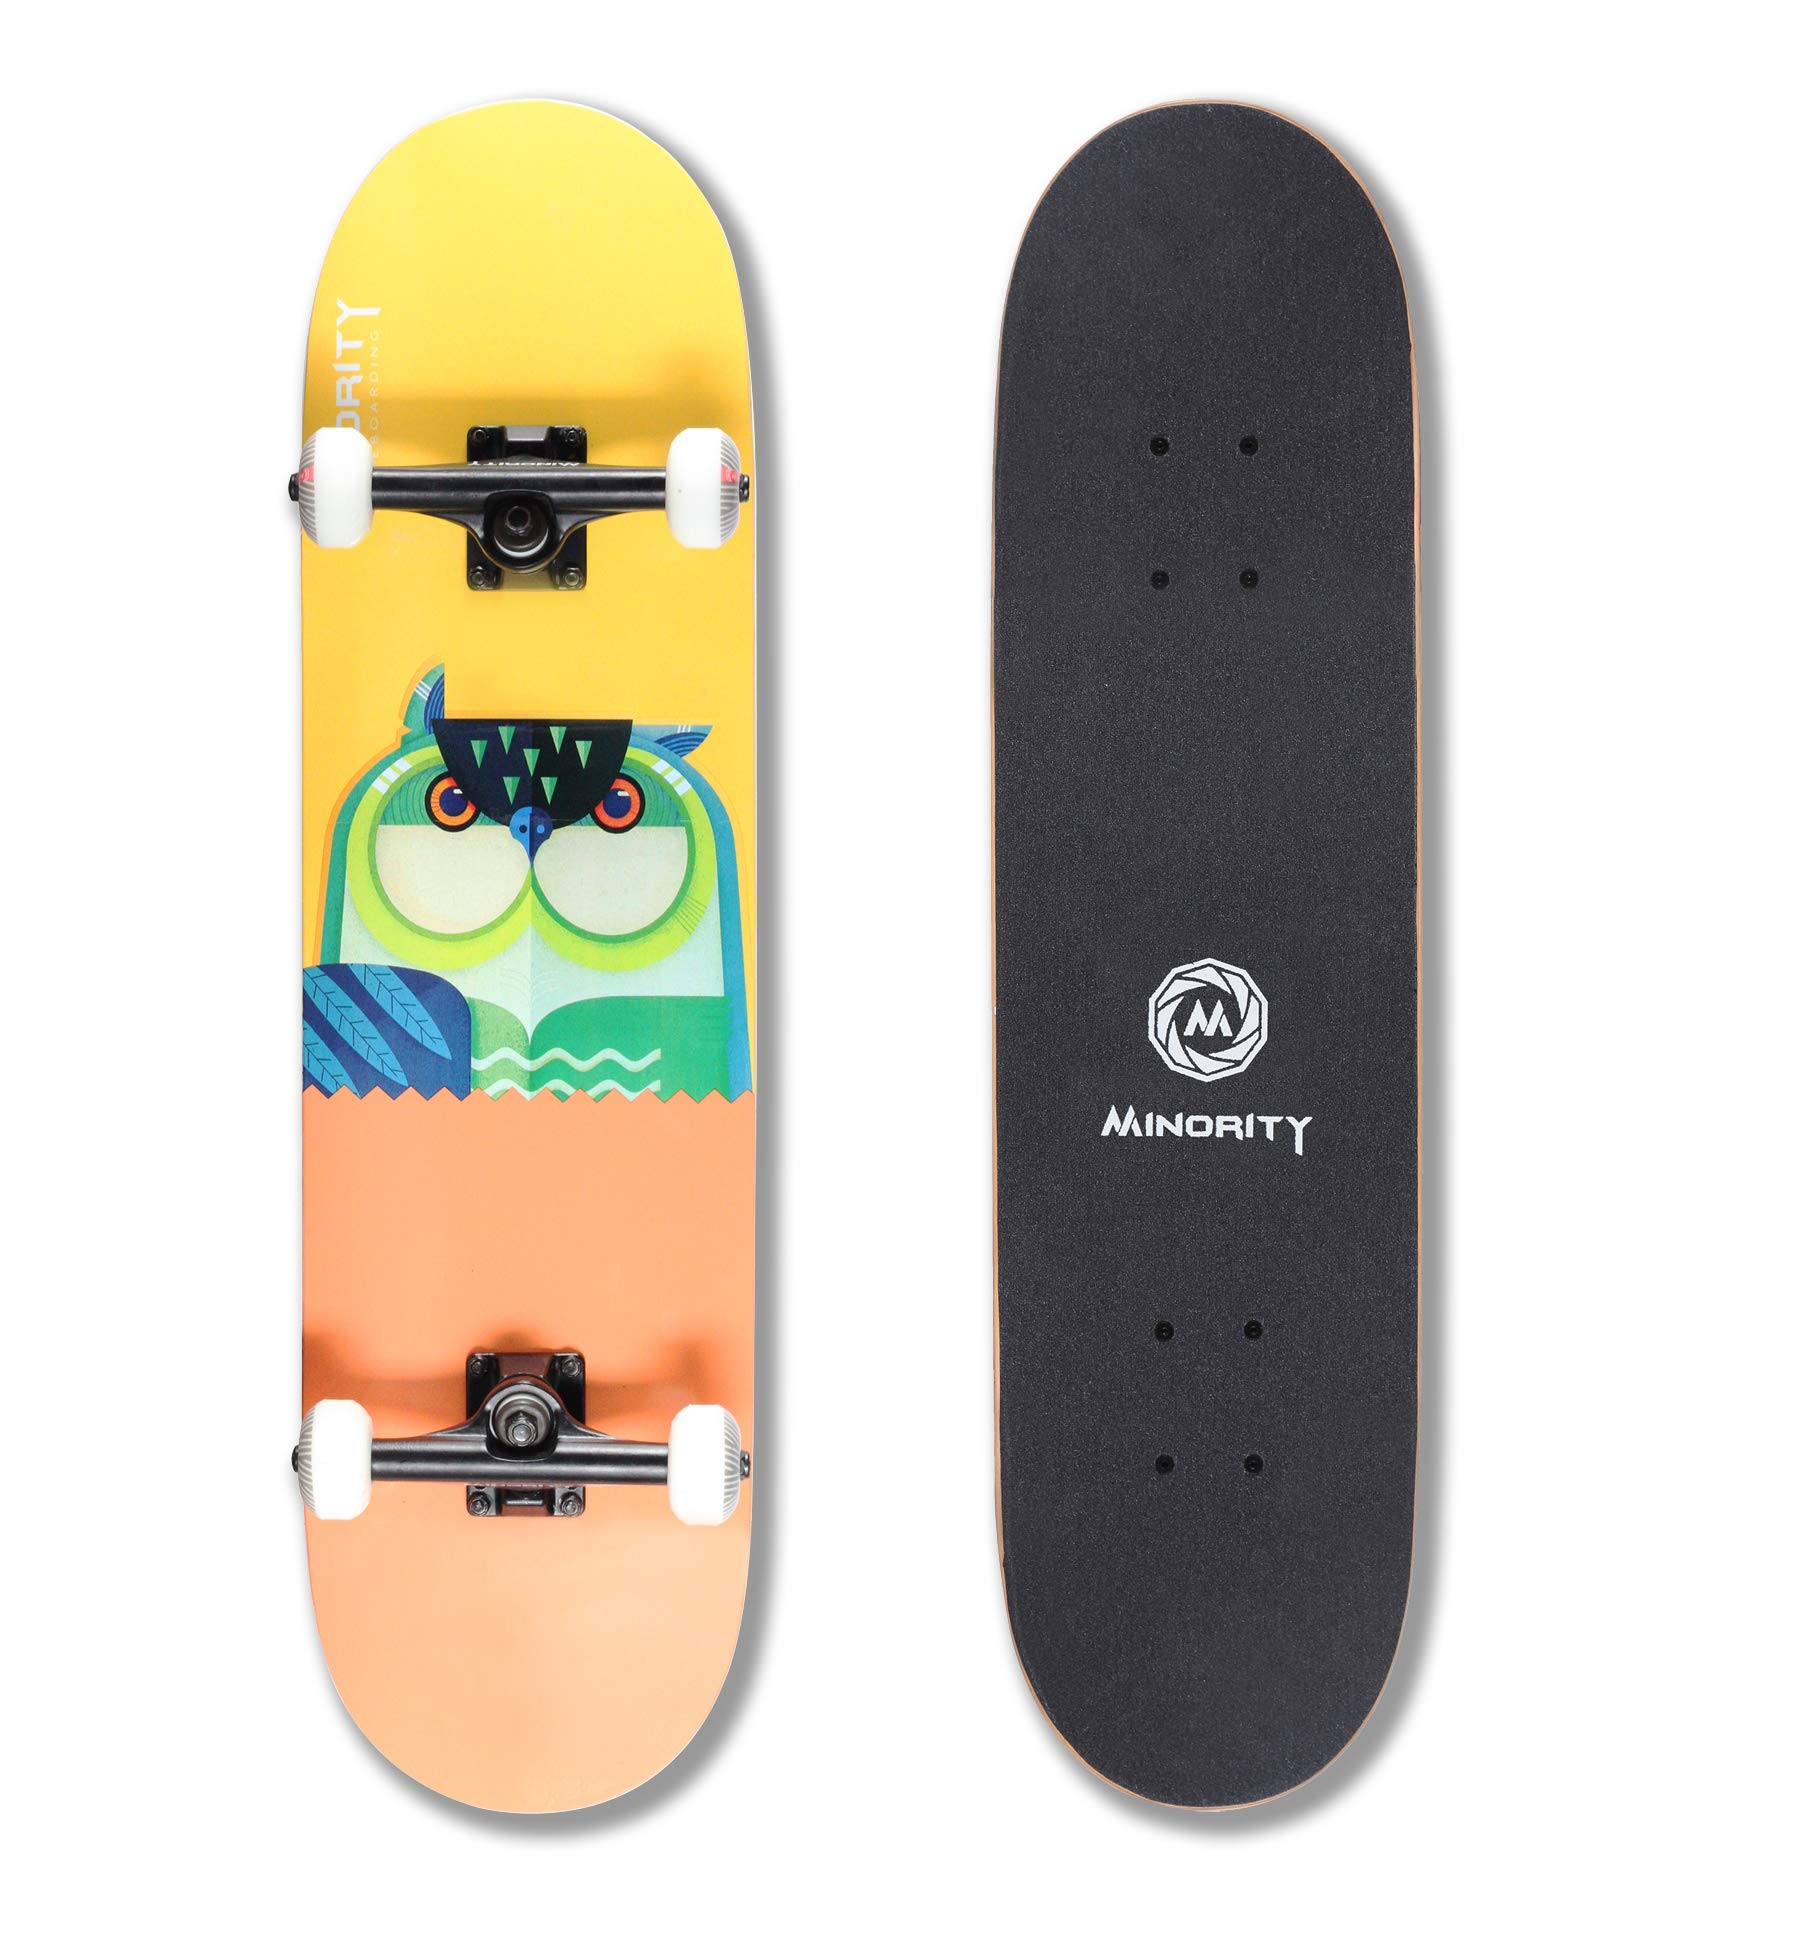 MINORITY 32inch Maple Skateboard (Owl) by MINORITY